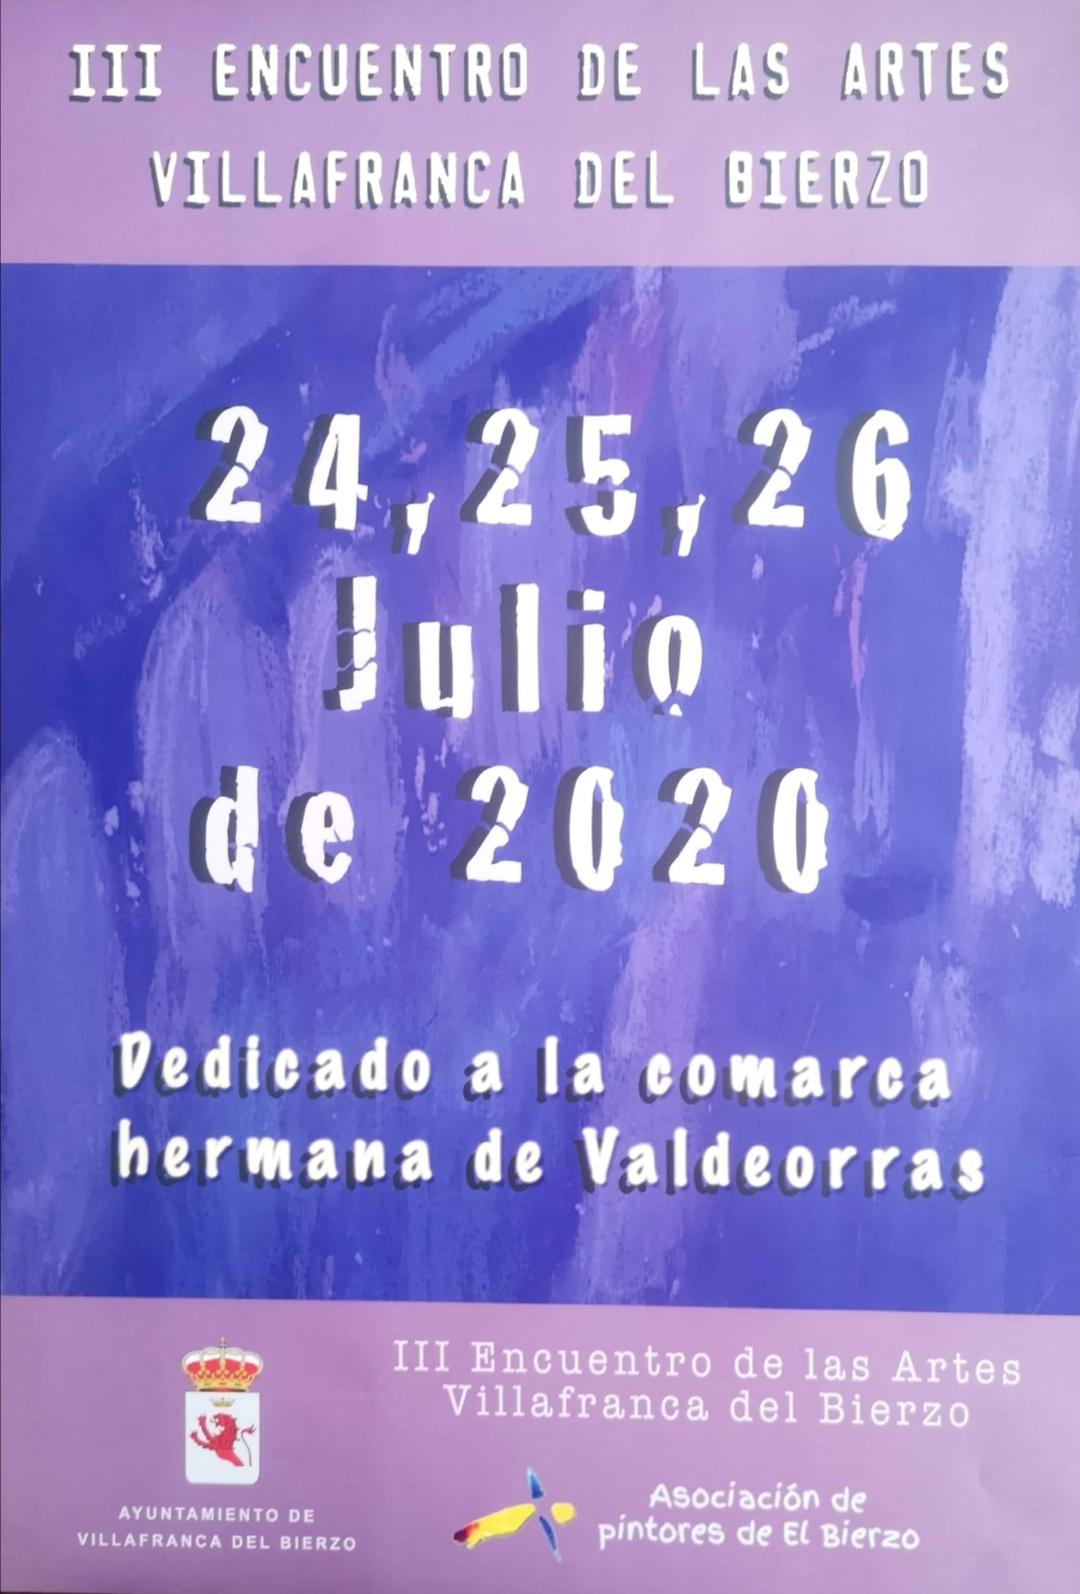 III Encuentro de las Artes de Villafranca del Bierzo 1